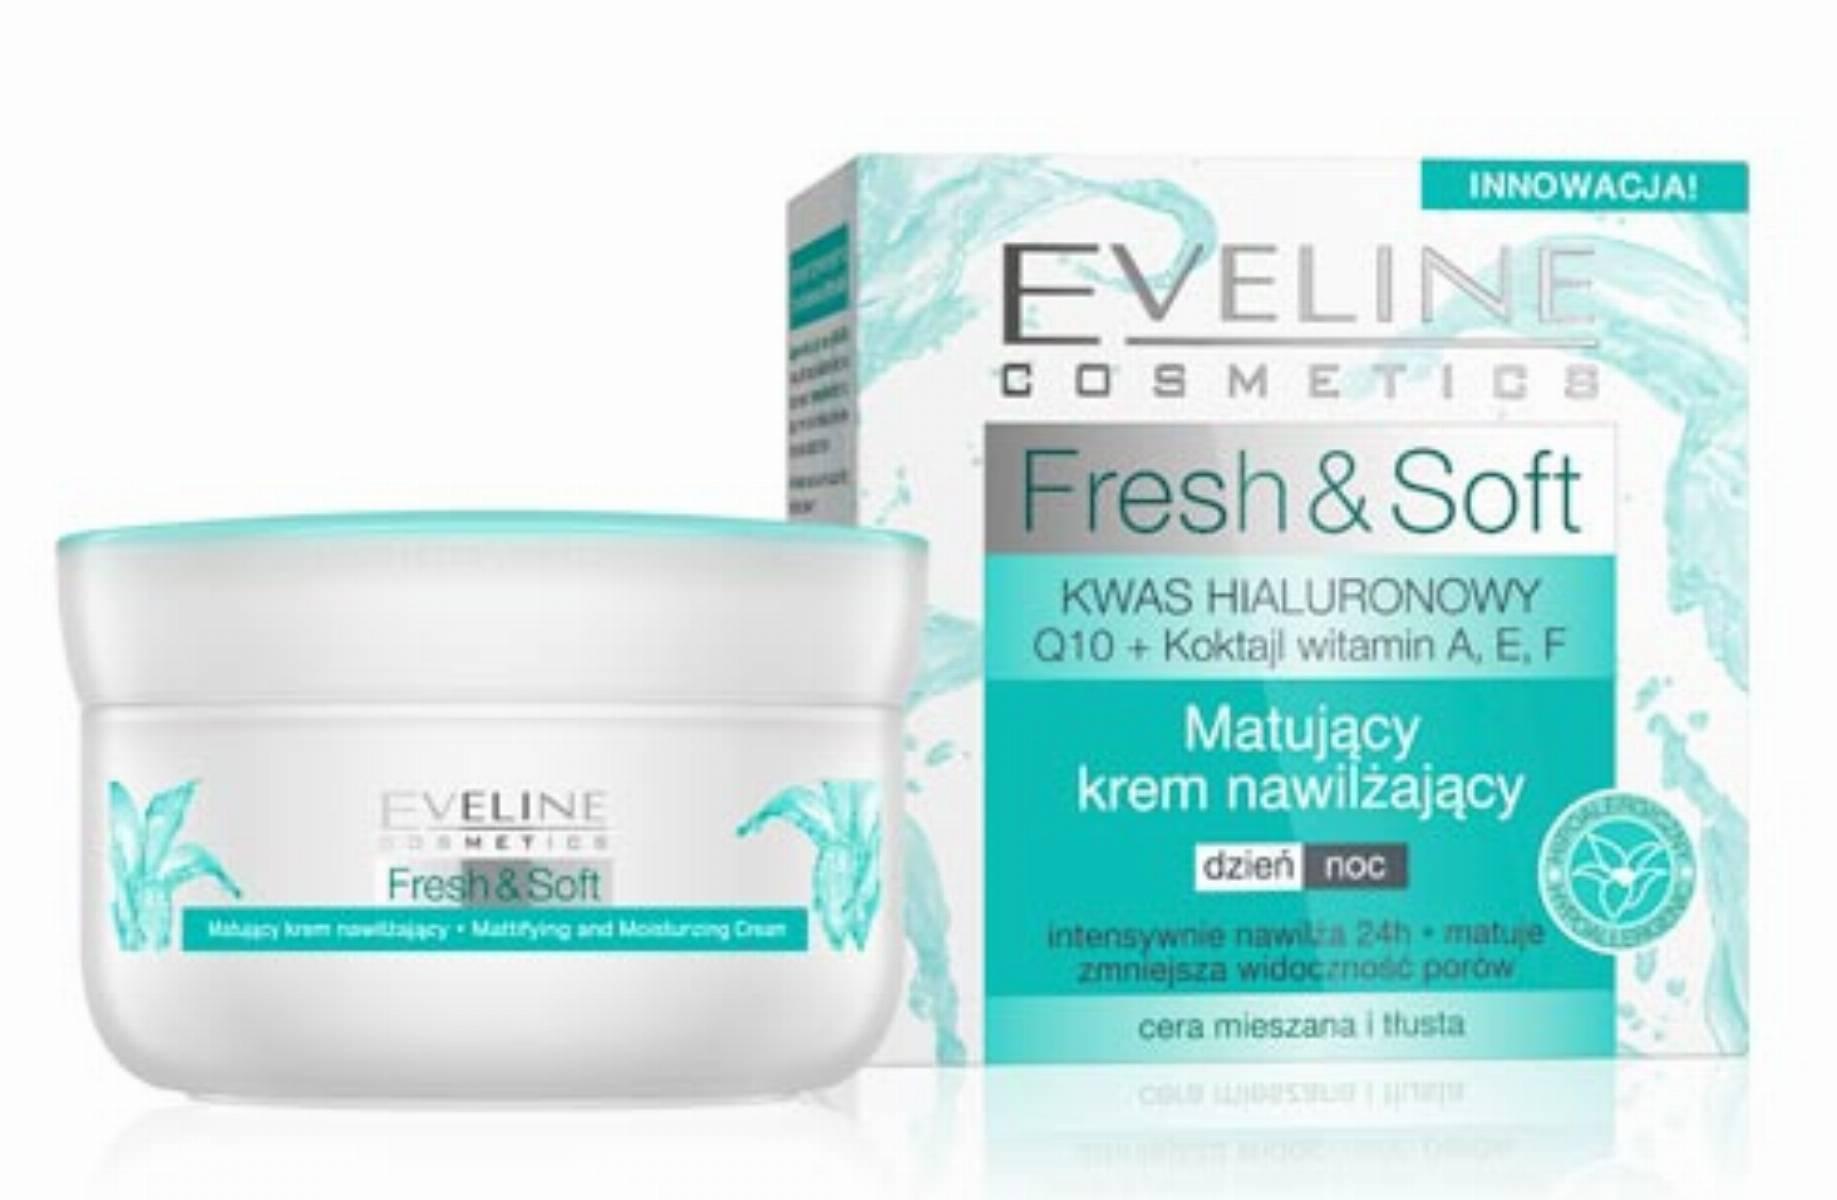 Eveline Fresh & Soft - krem matująco nawilżający